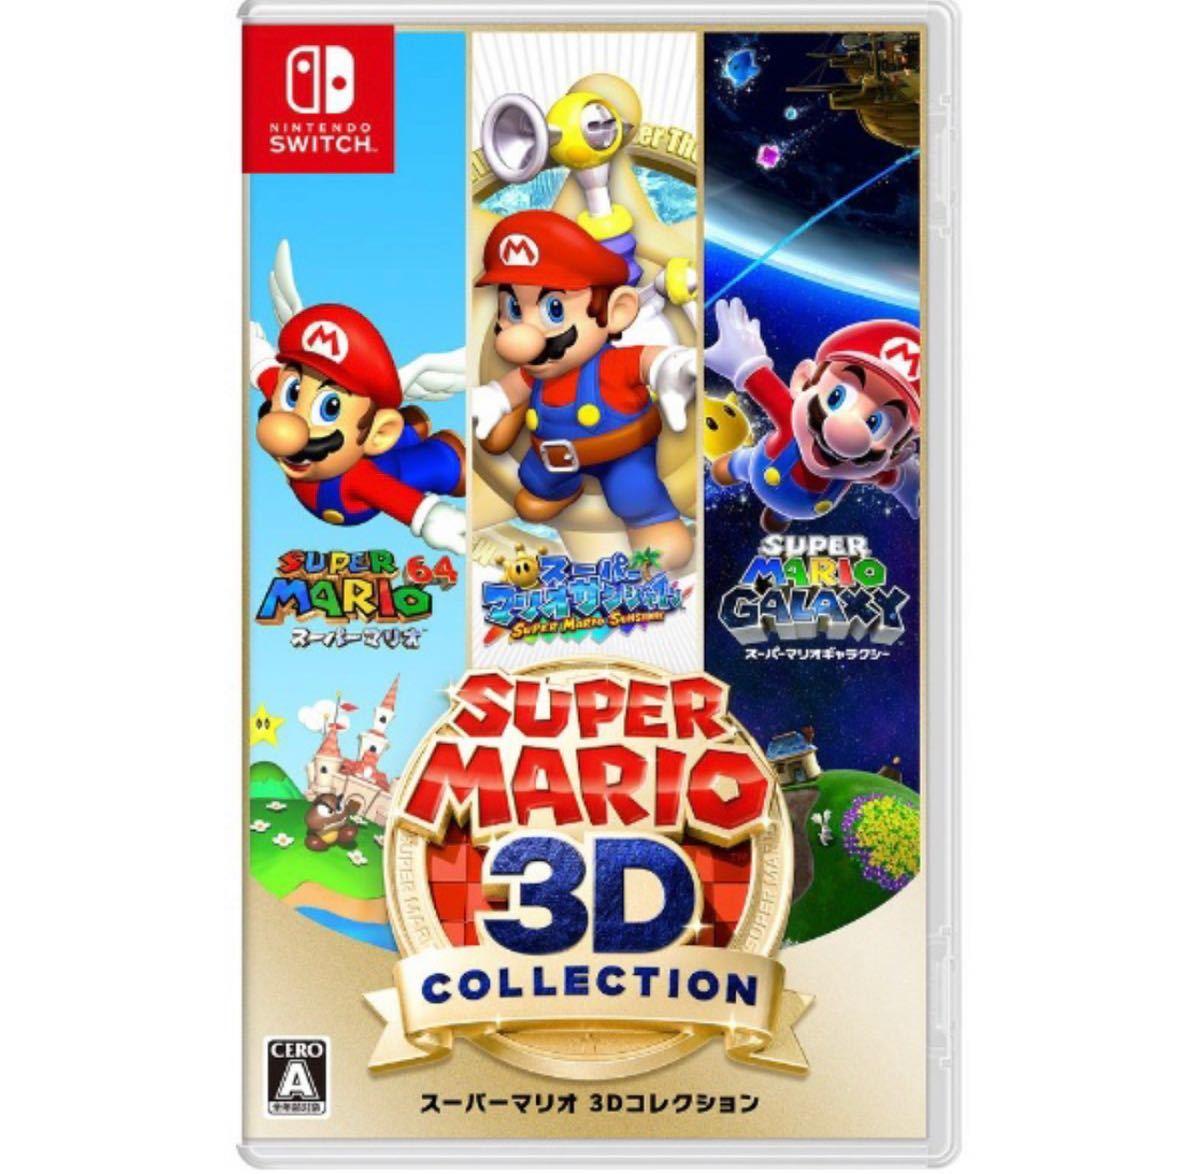 任天堂 スーパーマリオ 3Dコレクション Switch 新品 未開封 ニンテンドースイッチ Switch 任天堂スイッチ